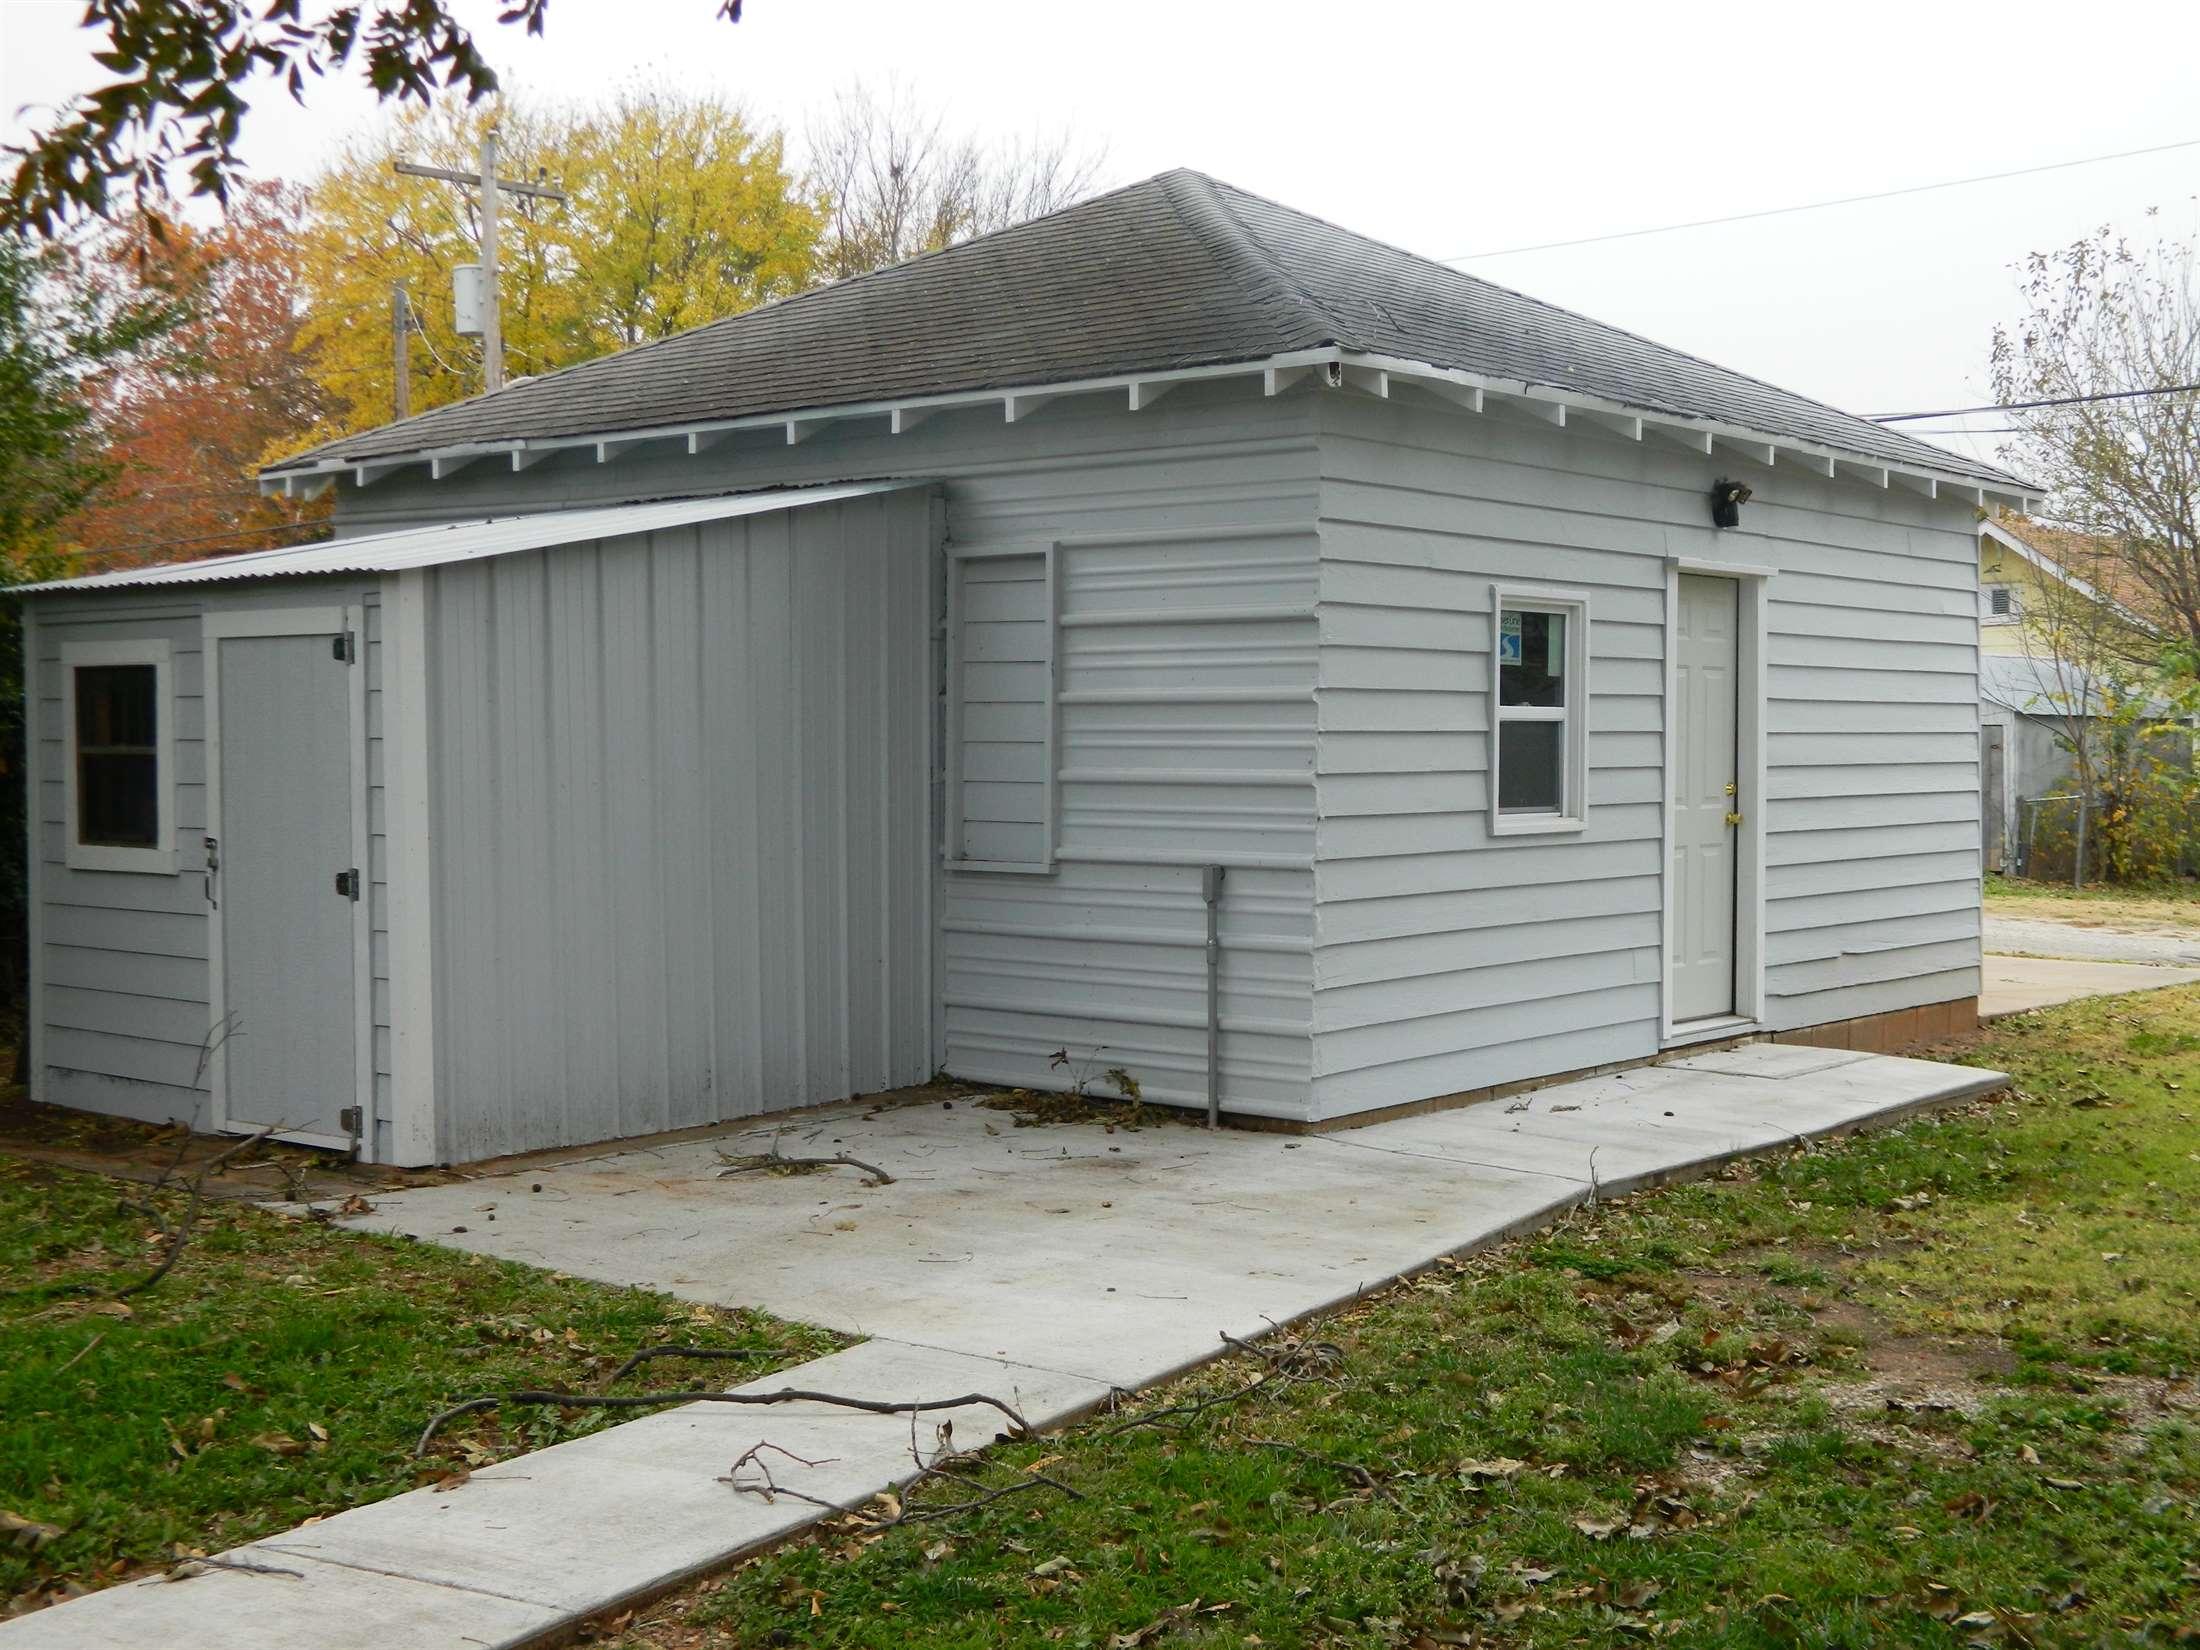 709 Elm St, Pawnee, OK 74058